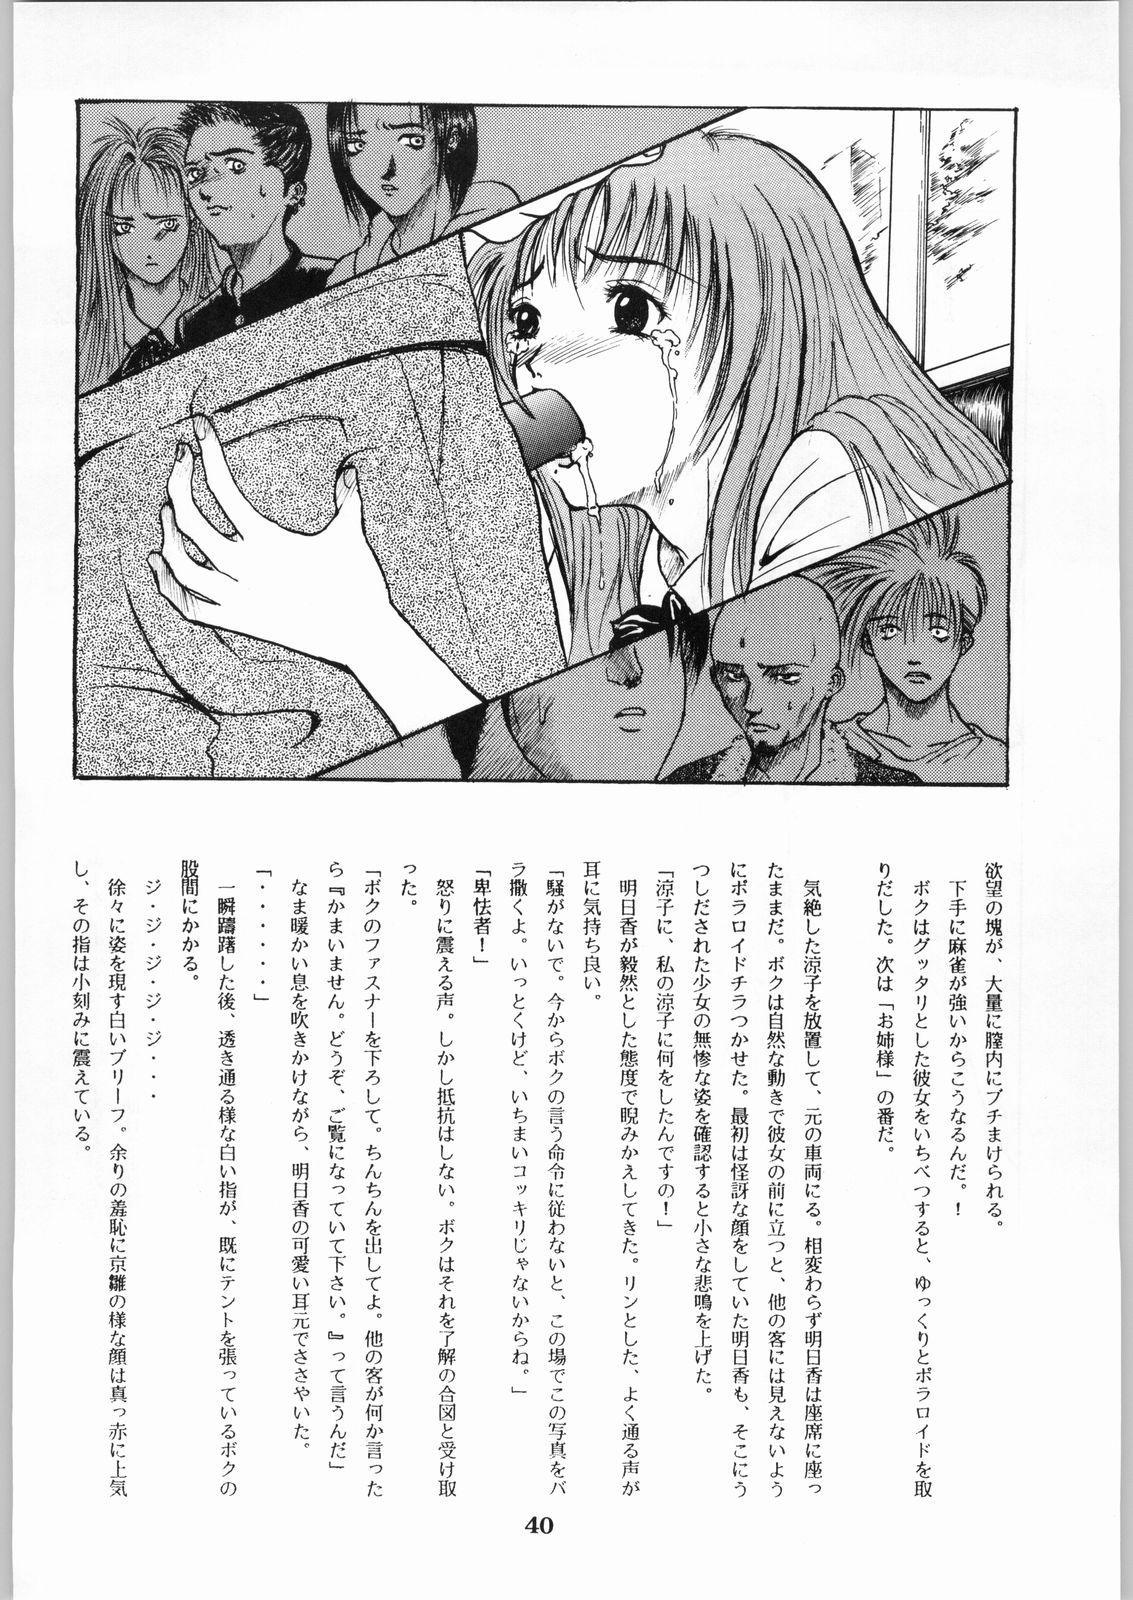 Shikiyoku Hokkedan 8 39